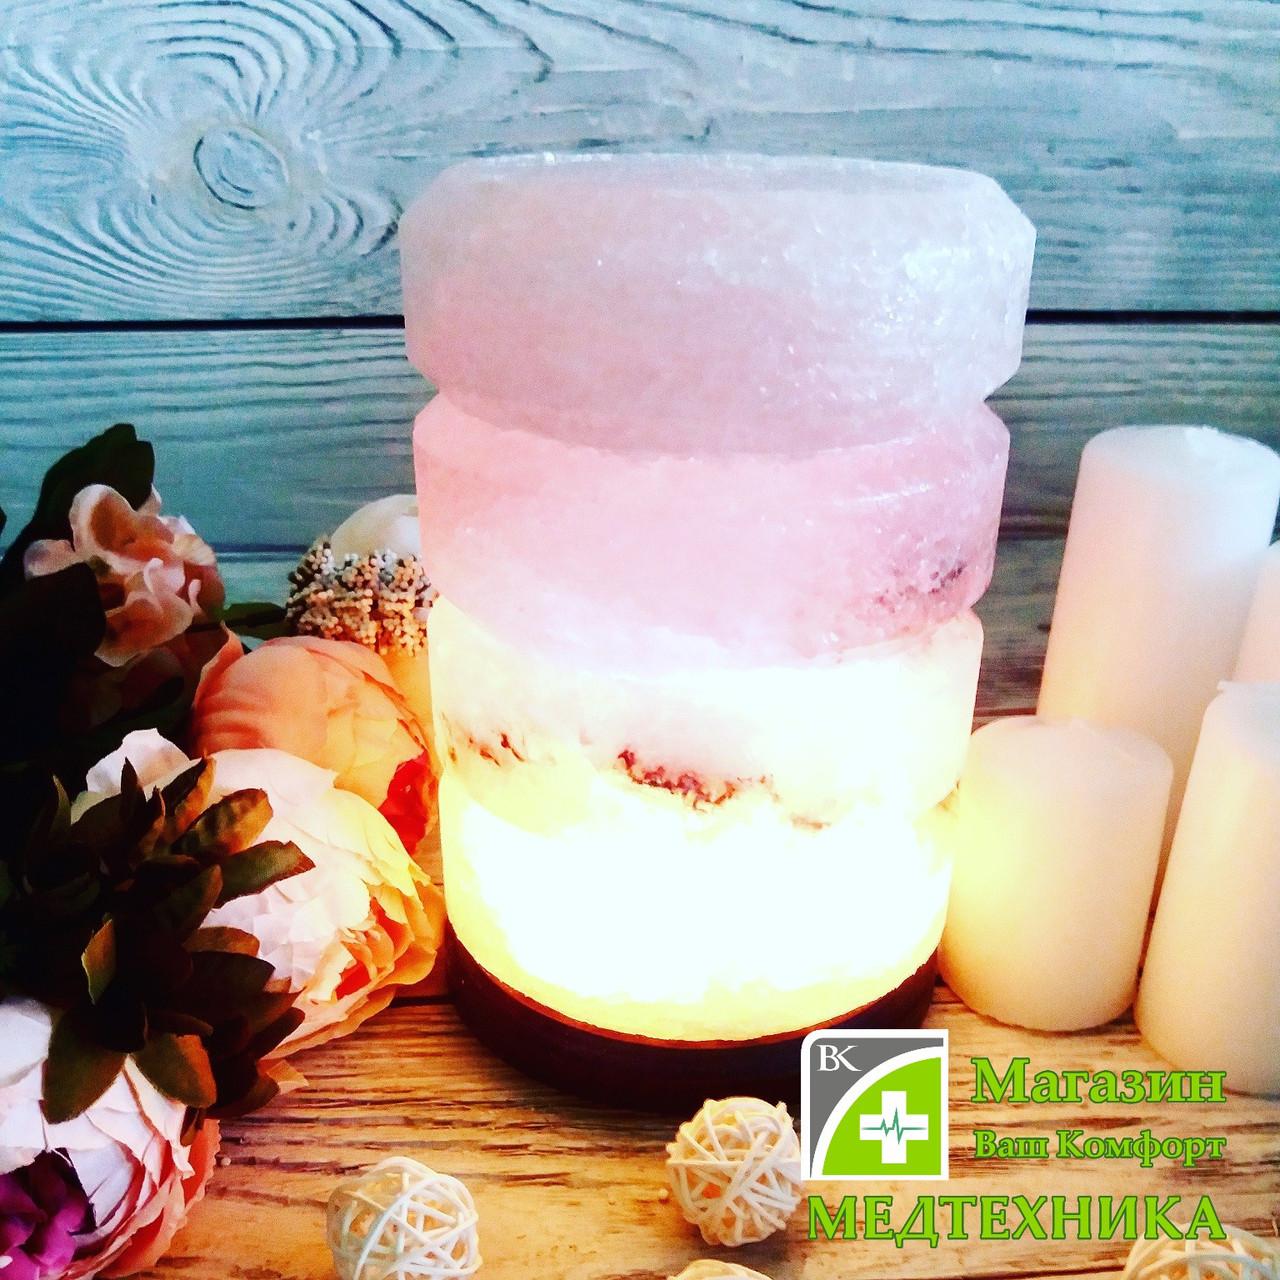 Соляная лампа «Свеча» 4-5 кг